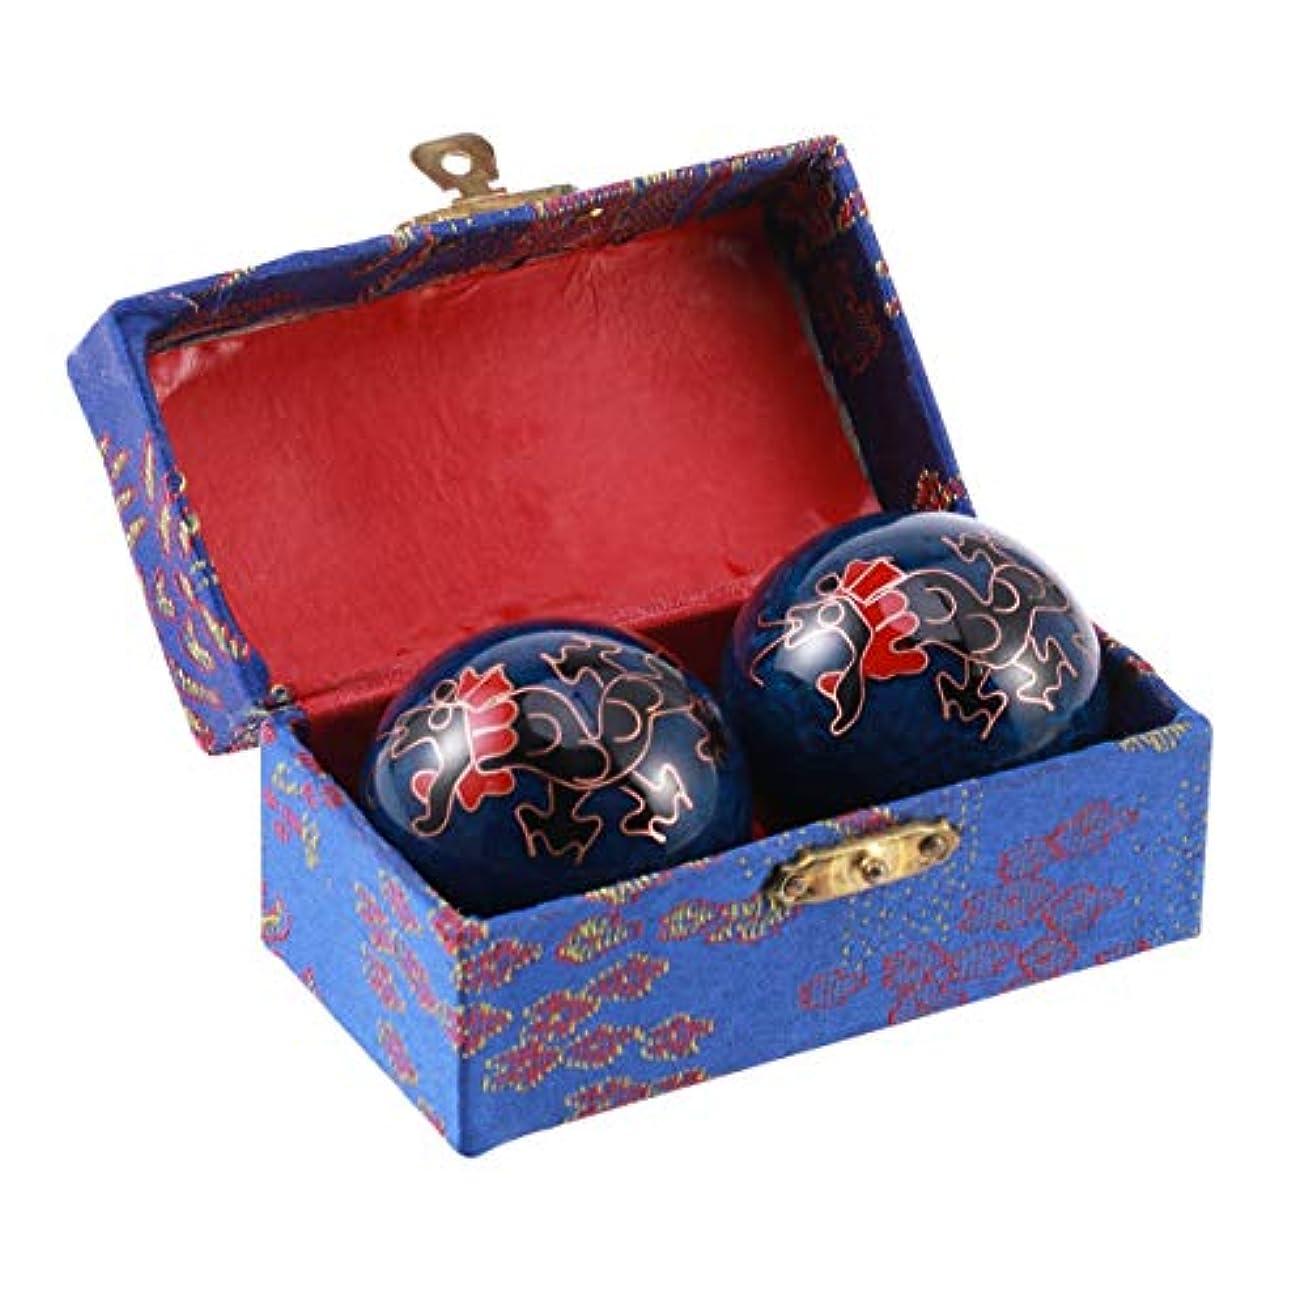 不利益雑多な最小化するHealifty 2pcs中国の健康玉はボールを鍛える運動マッサージボールのストレスは、ハンドセラピーのストレスリリーフ(ブラックドラゴンズとフェニックス)のハンドエクササイズセラピーボールを解放します。